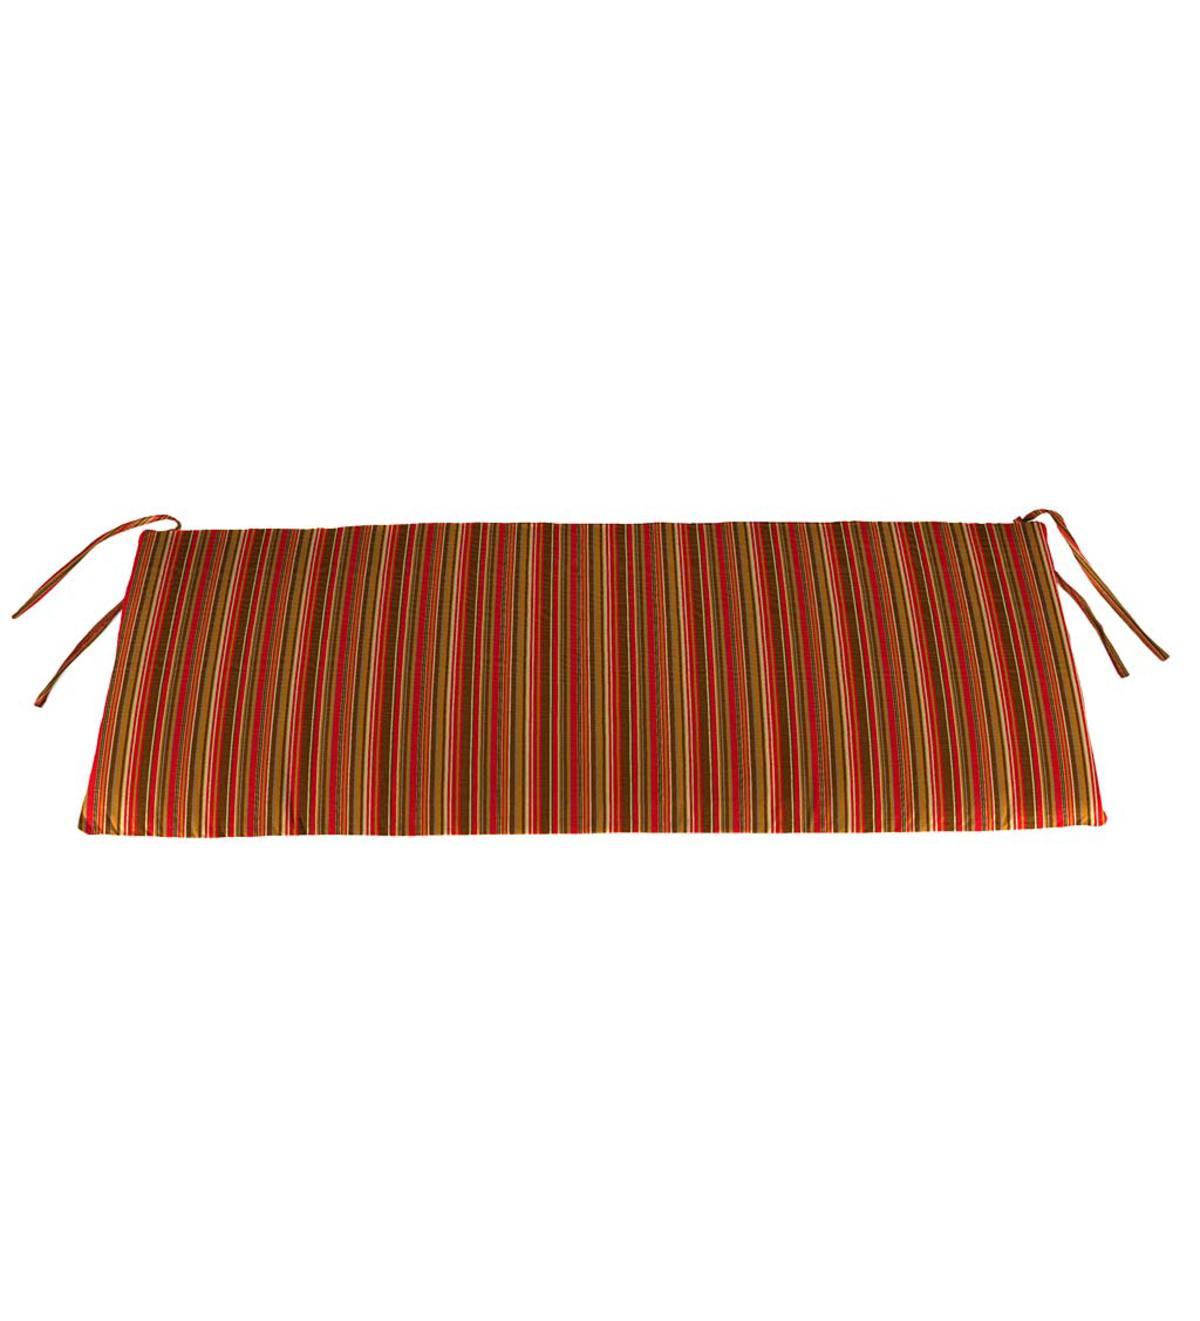 Sunbrella Clic Swing Bench Cushion 36 X 16 3